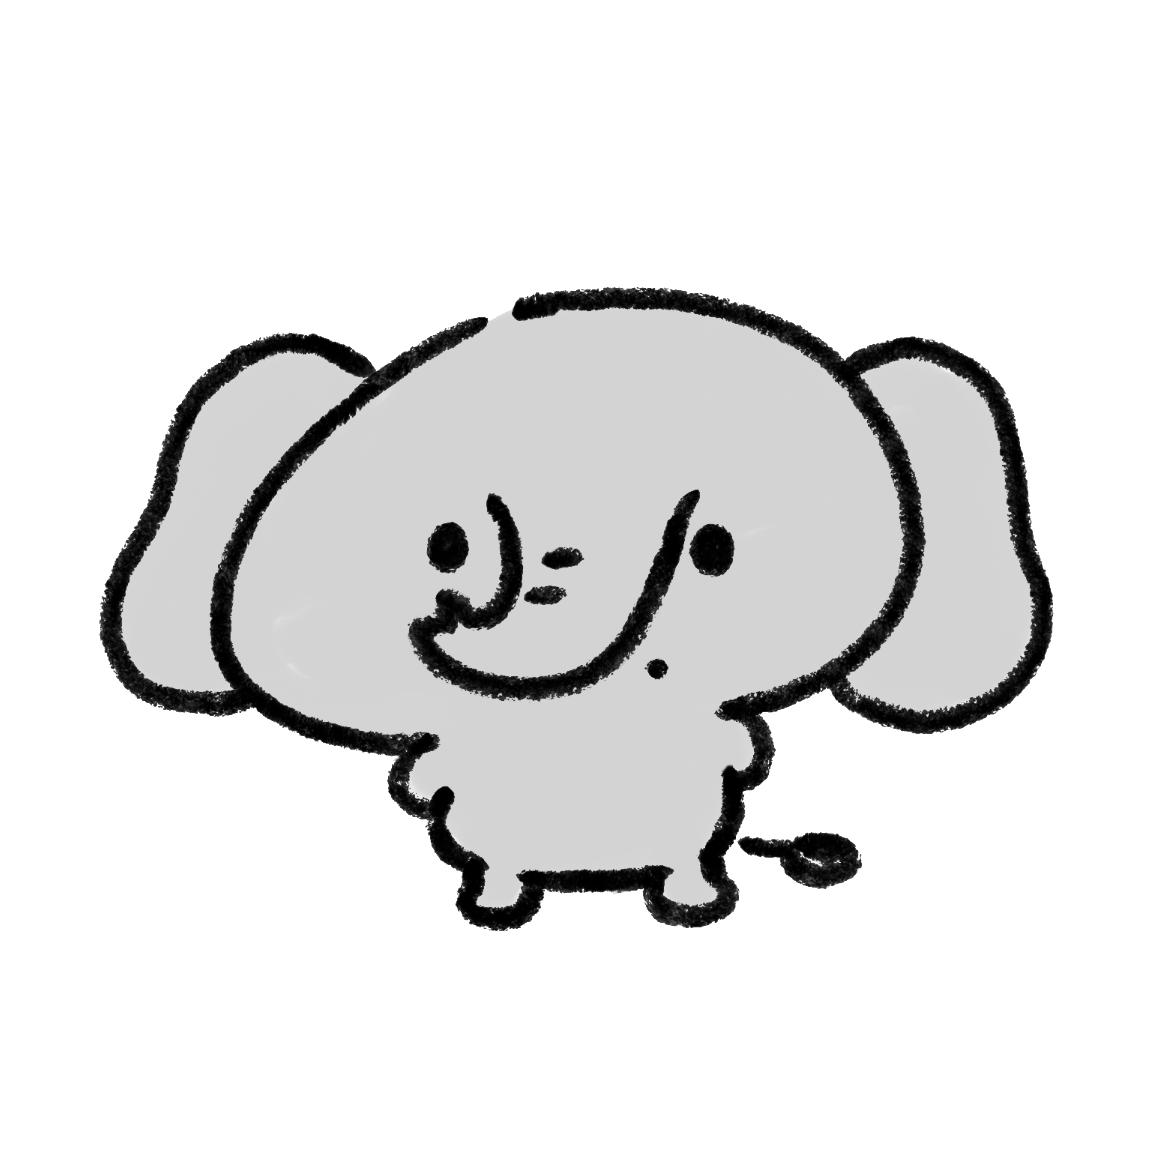 二足歩行の象